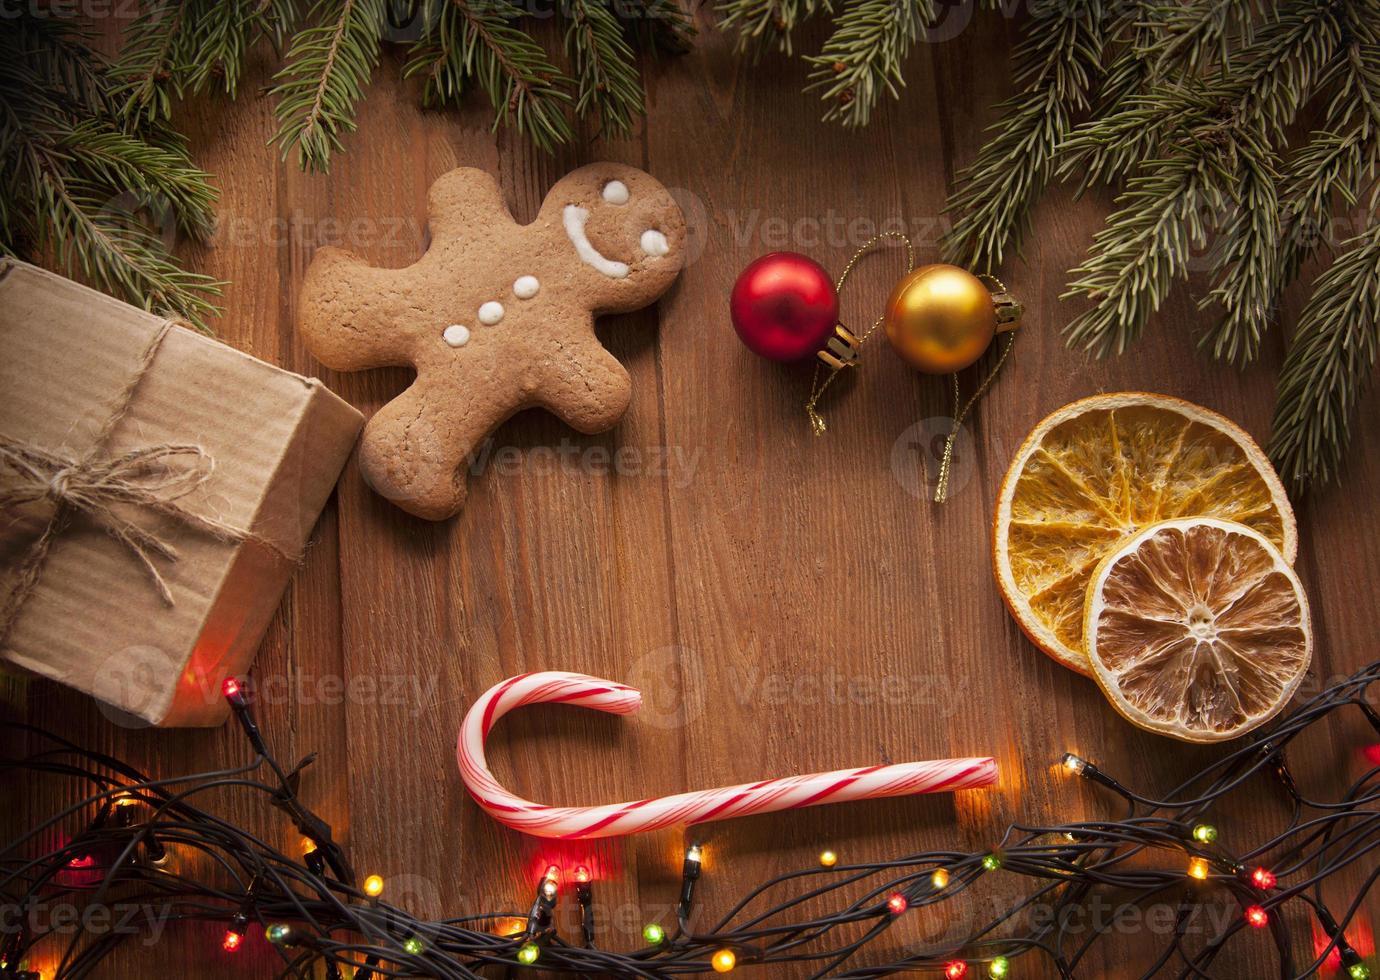 árvore de Natal de gengibre e presentes na mesa foto